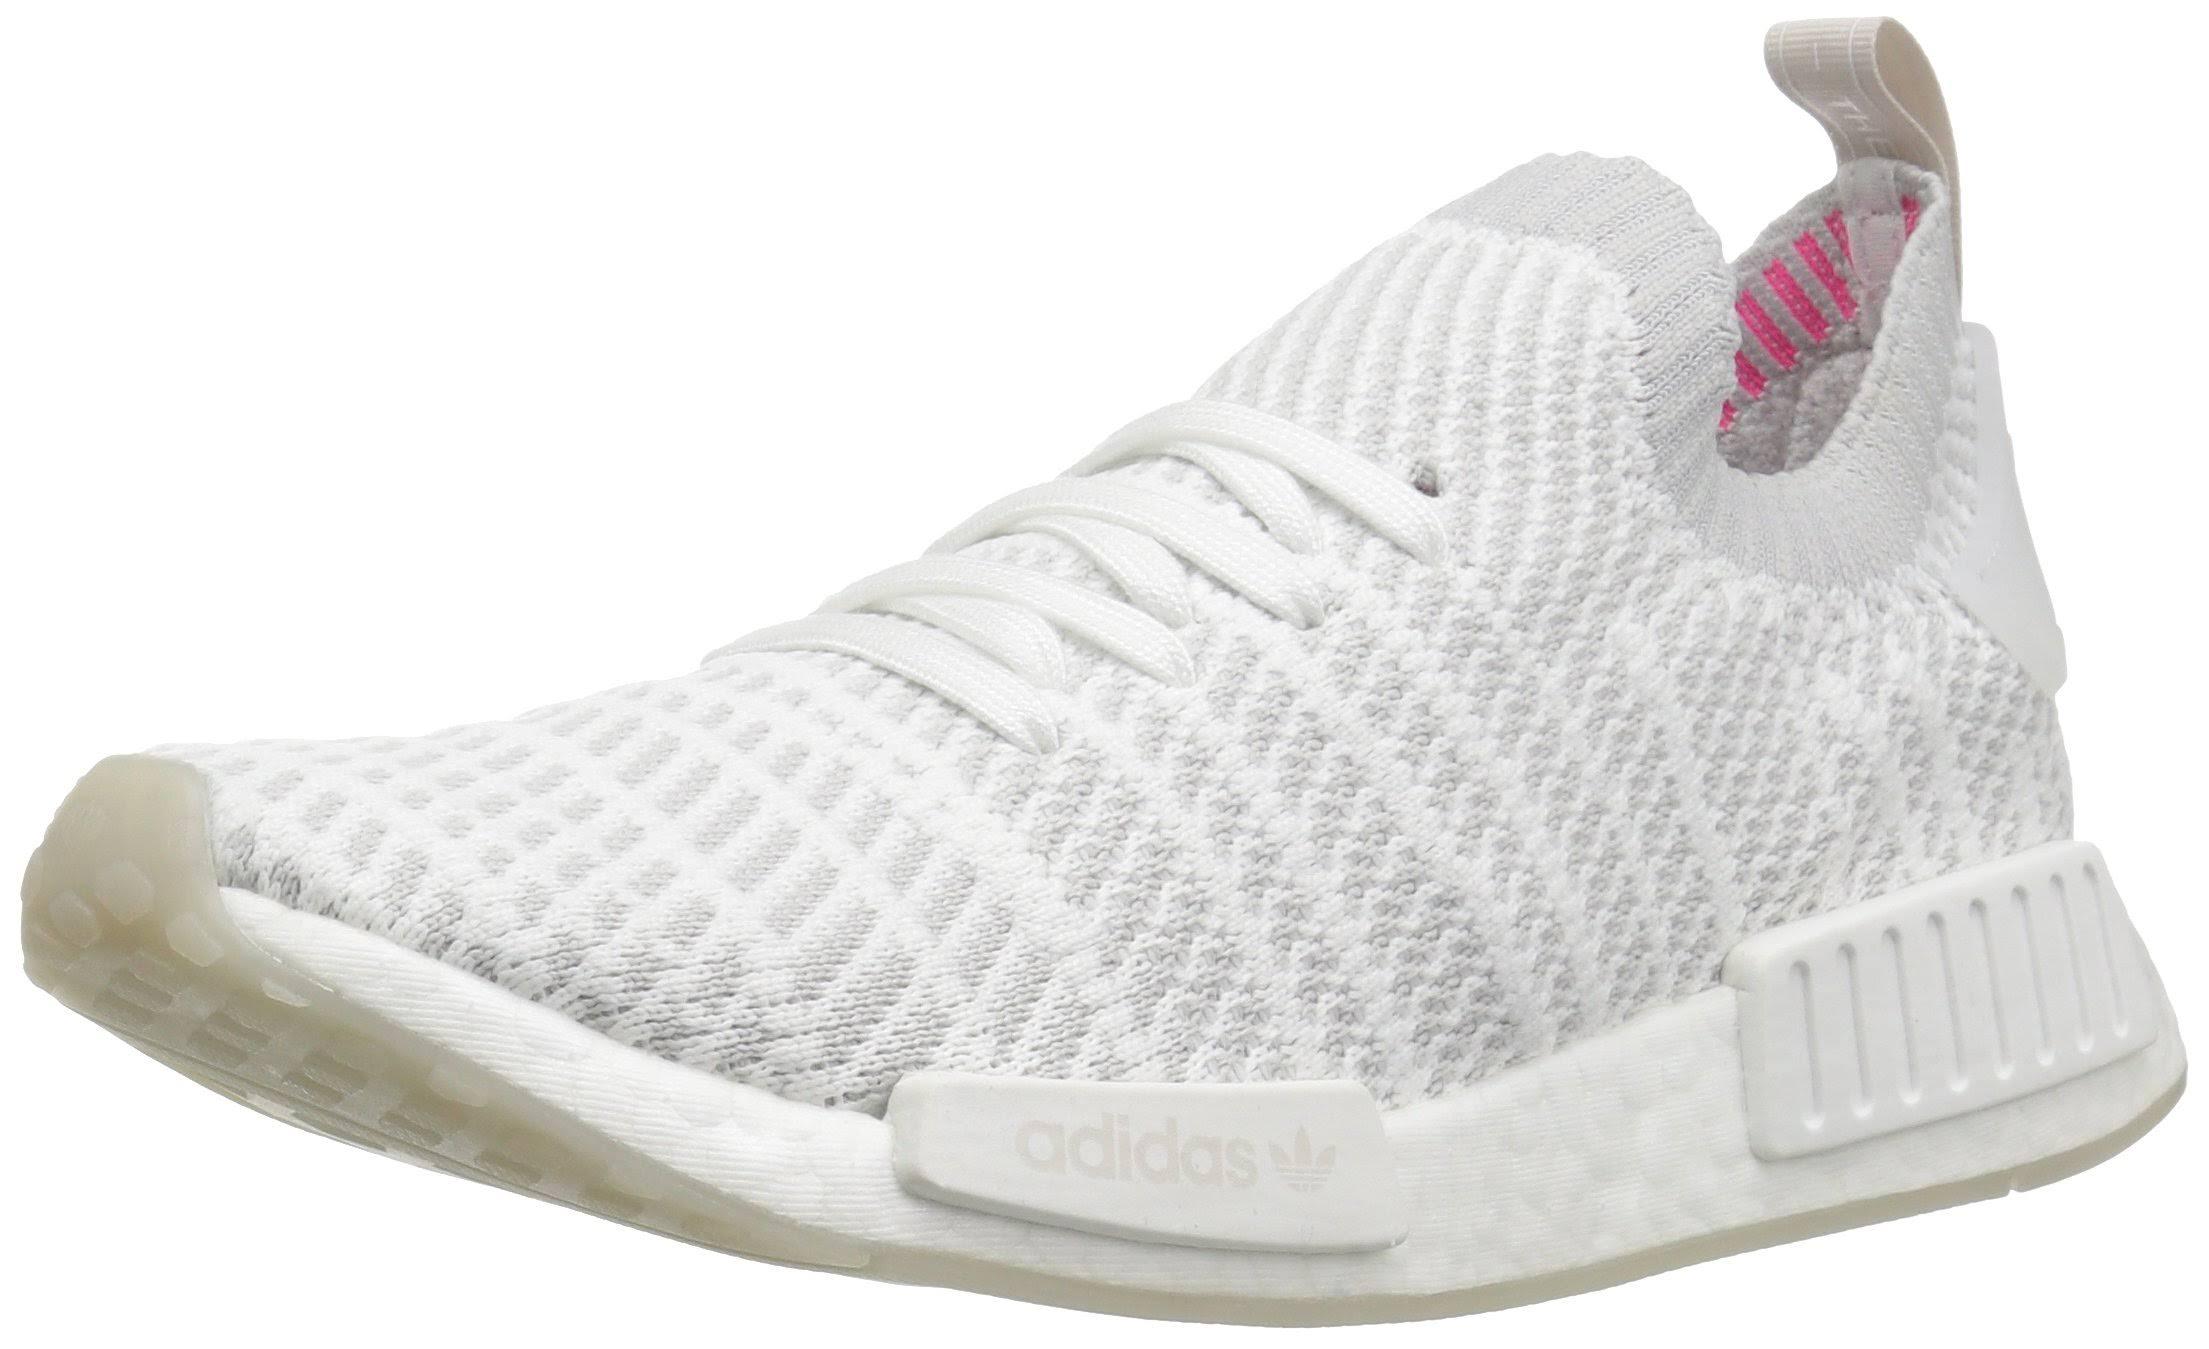 Originals Calzado Para 12 Primeknit Adidas Stlt Cq2390 Tamaño Nmd R1 Hombre ZnFPdwHqw